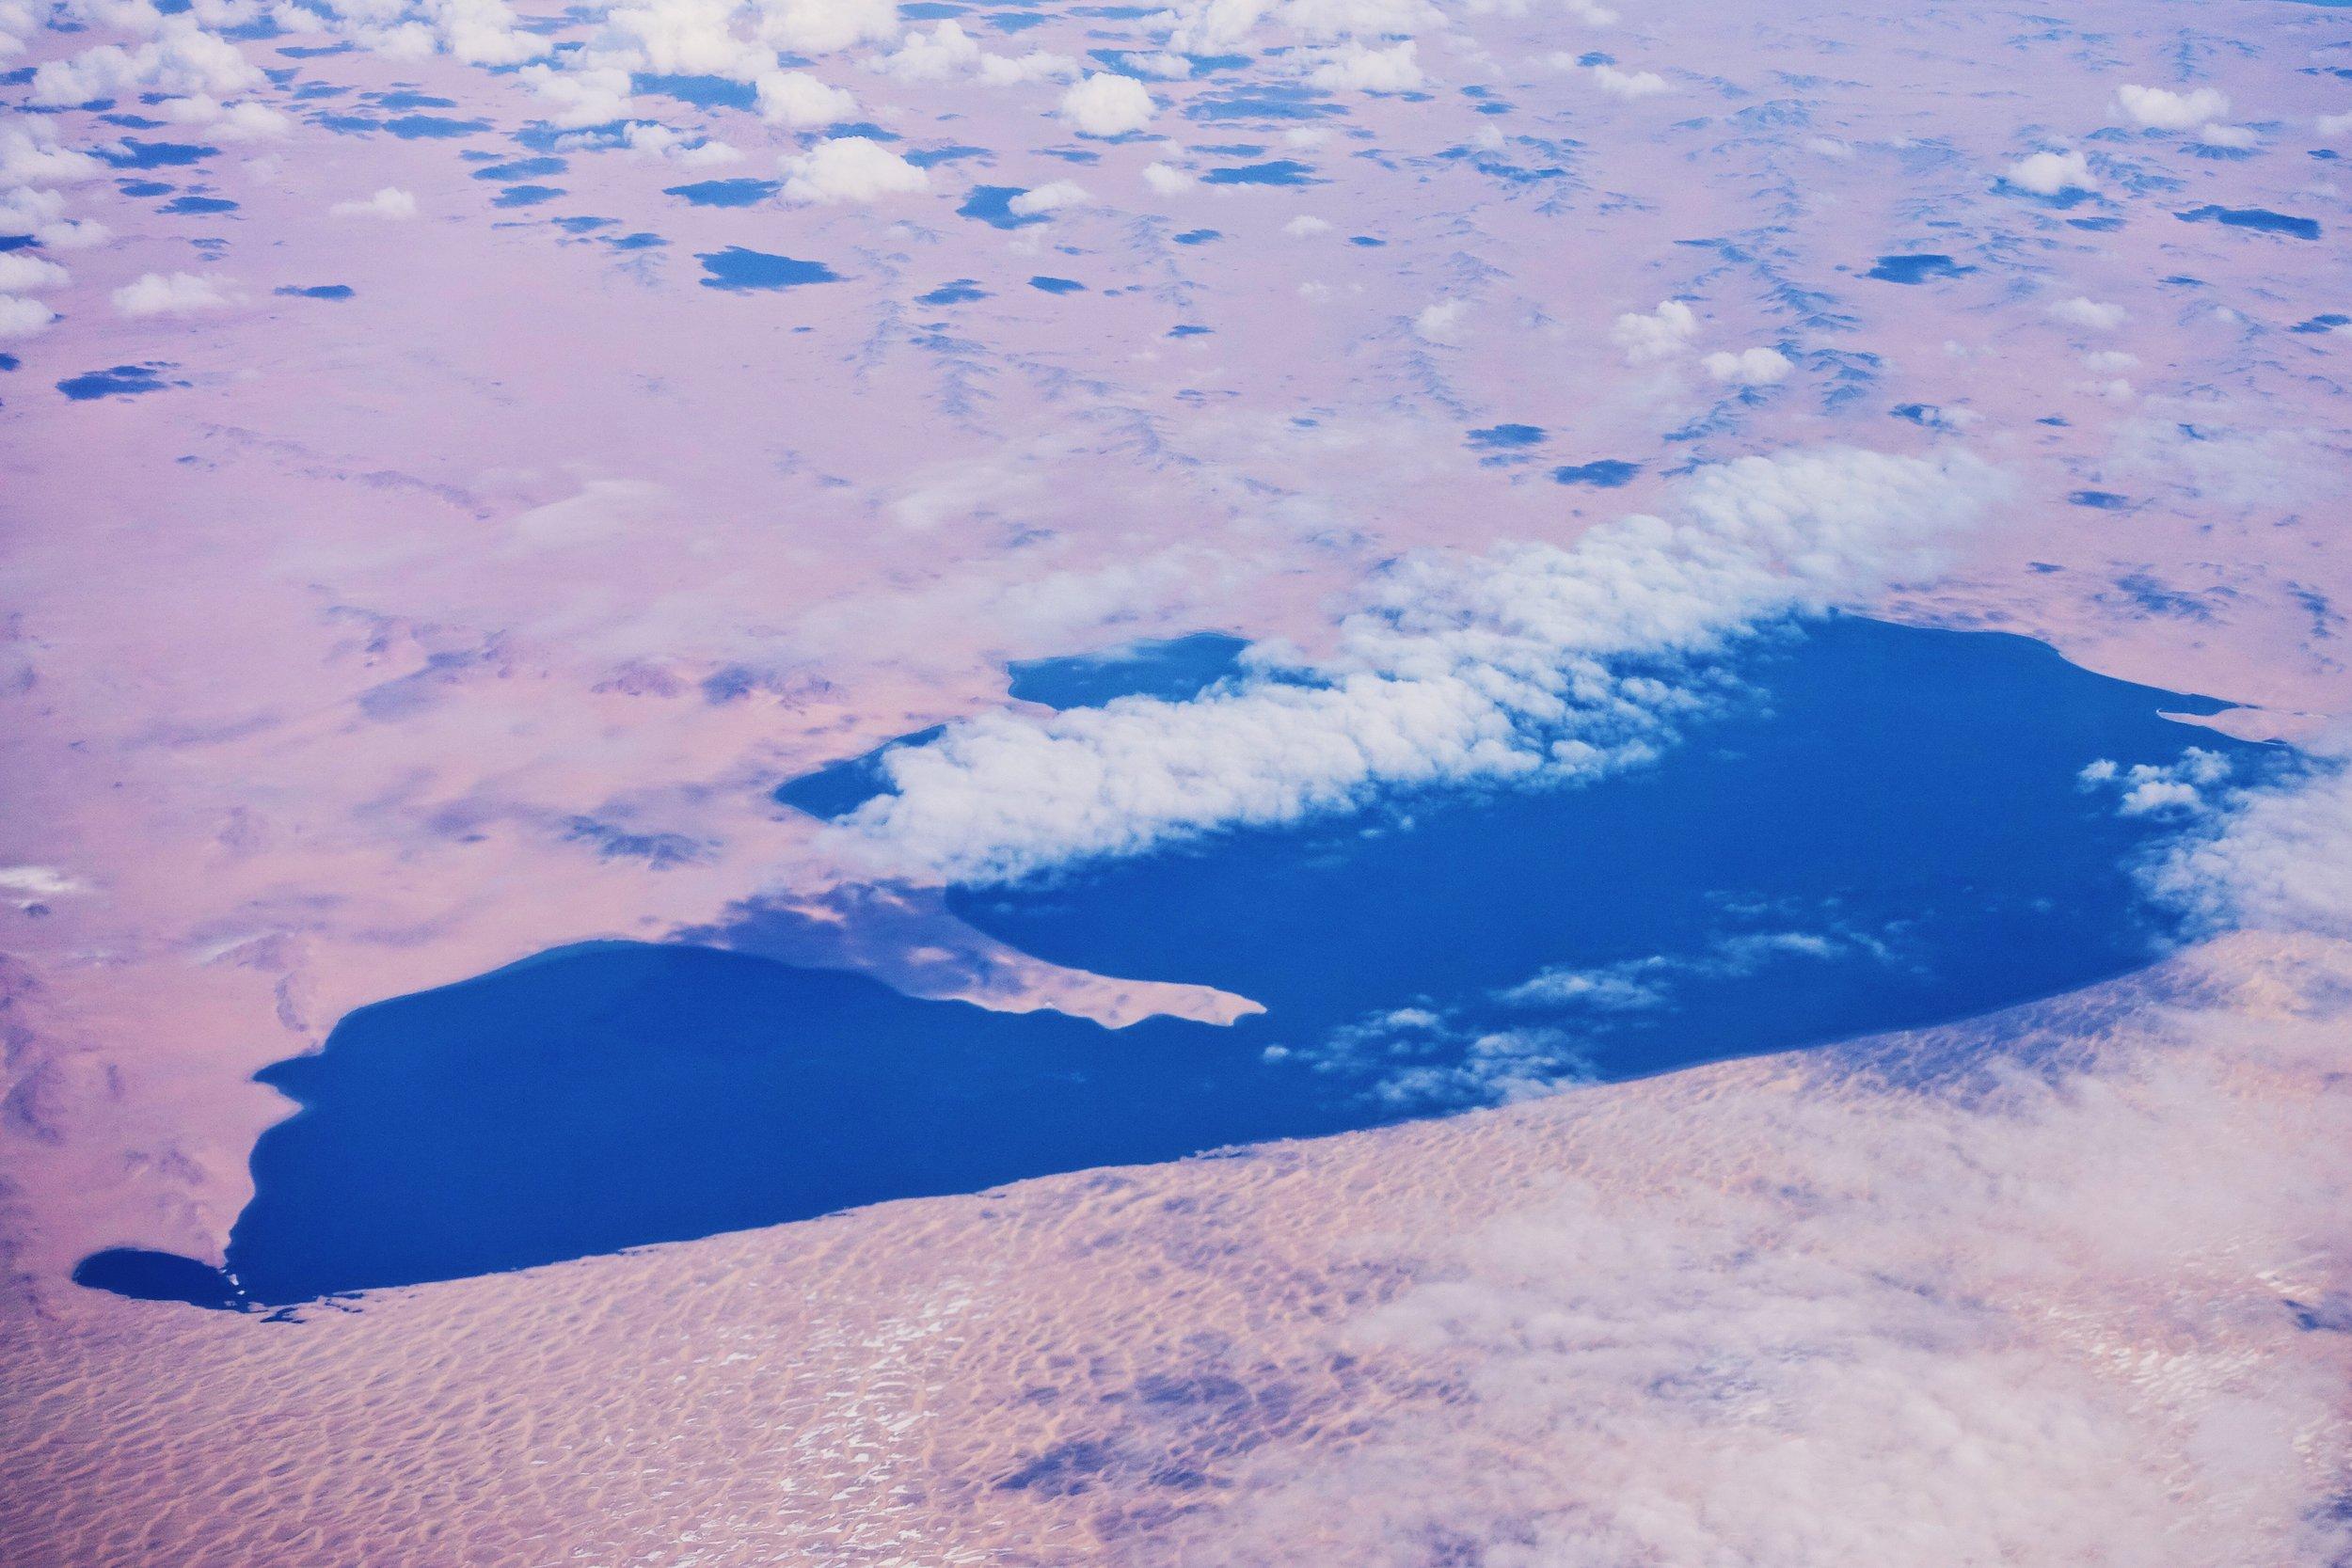 Bayan Nuur lake in Mongolia